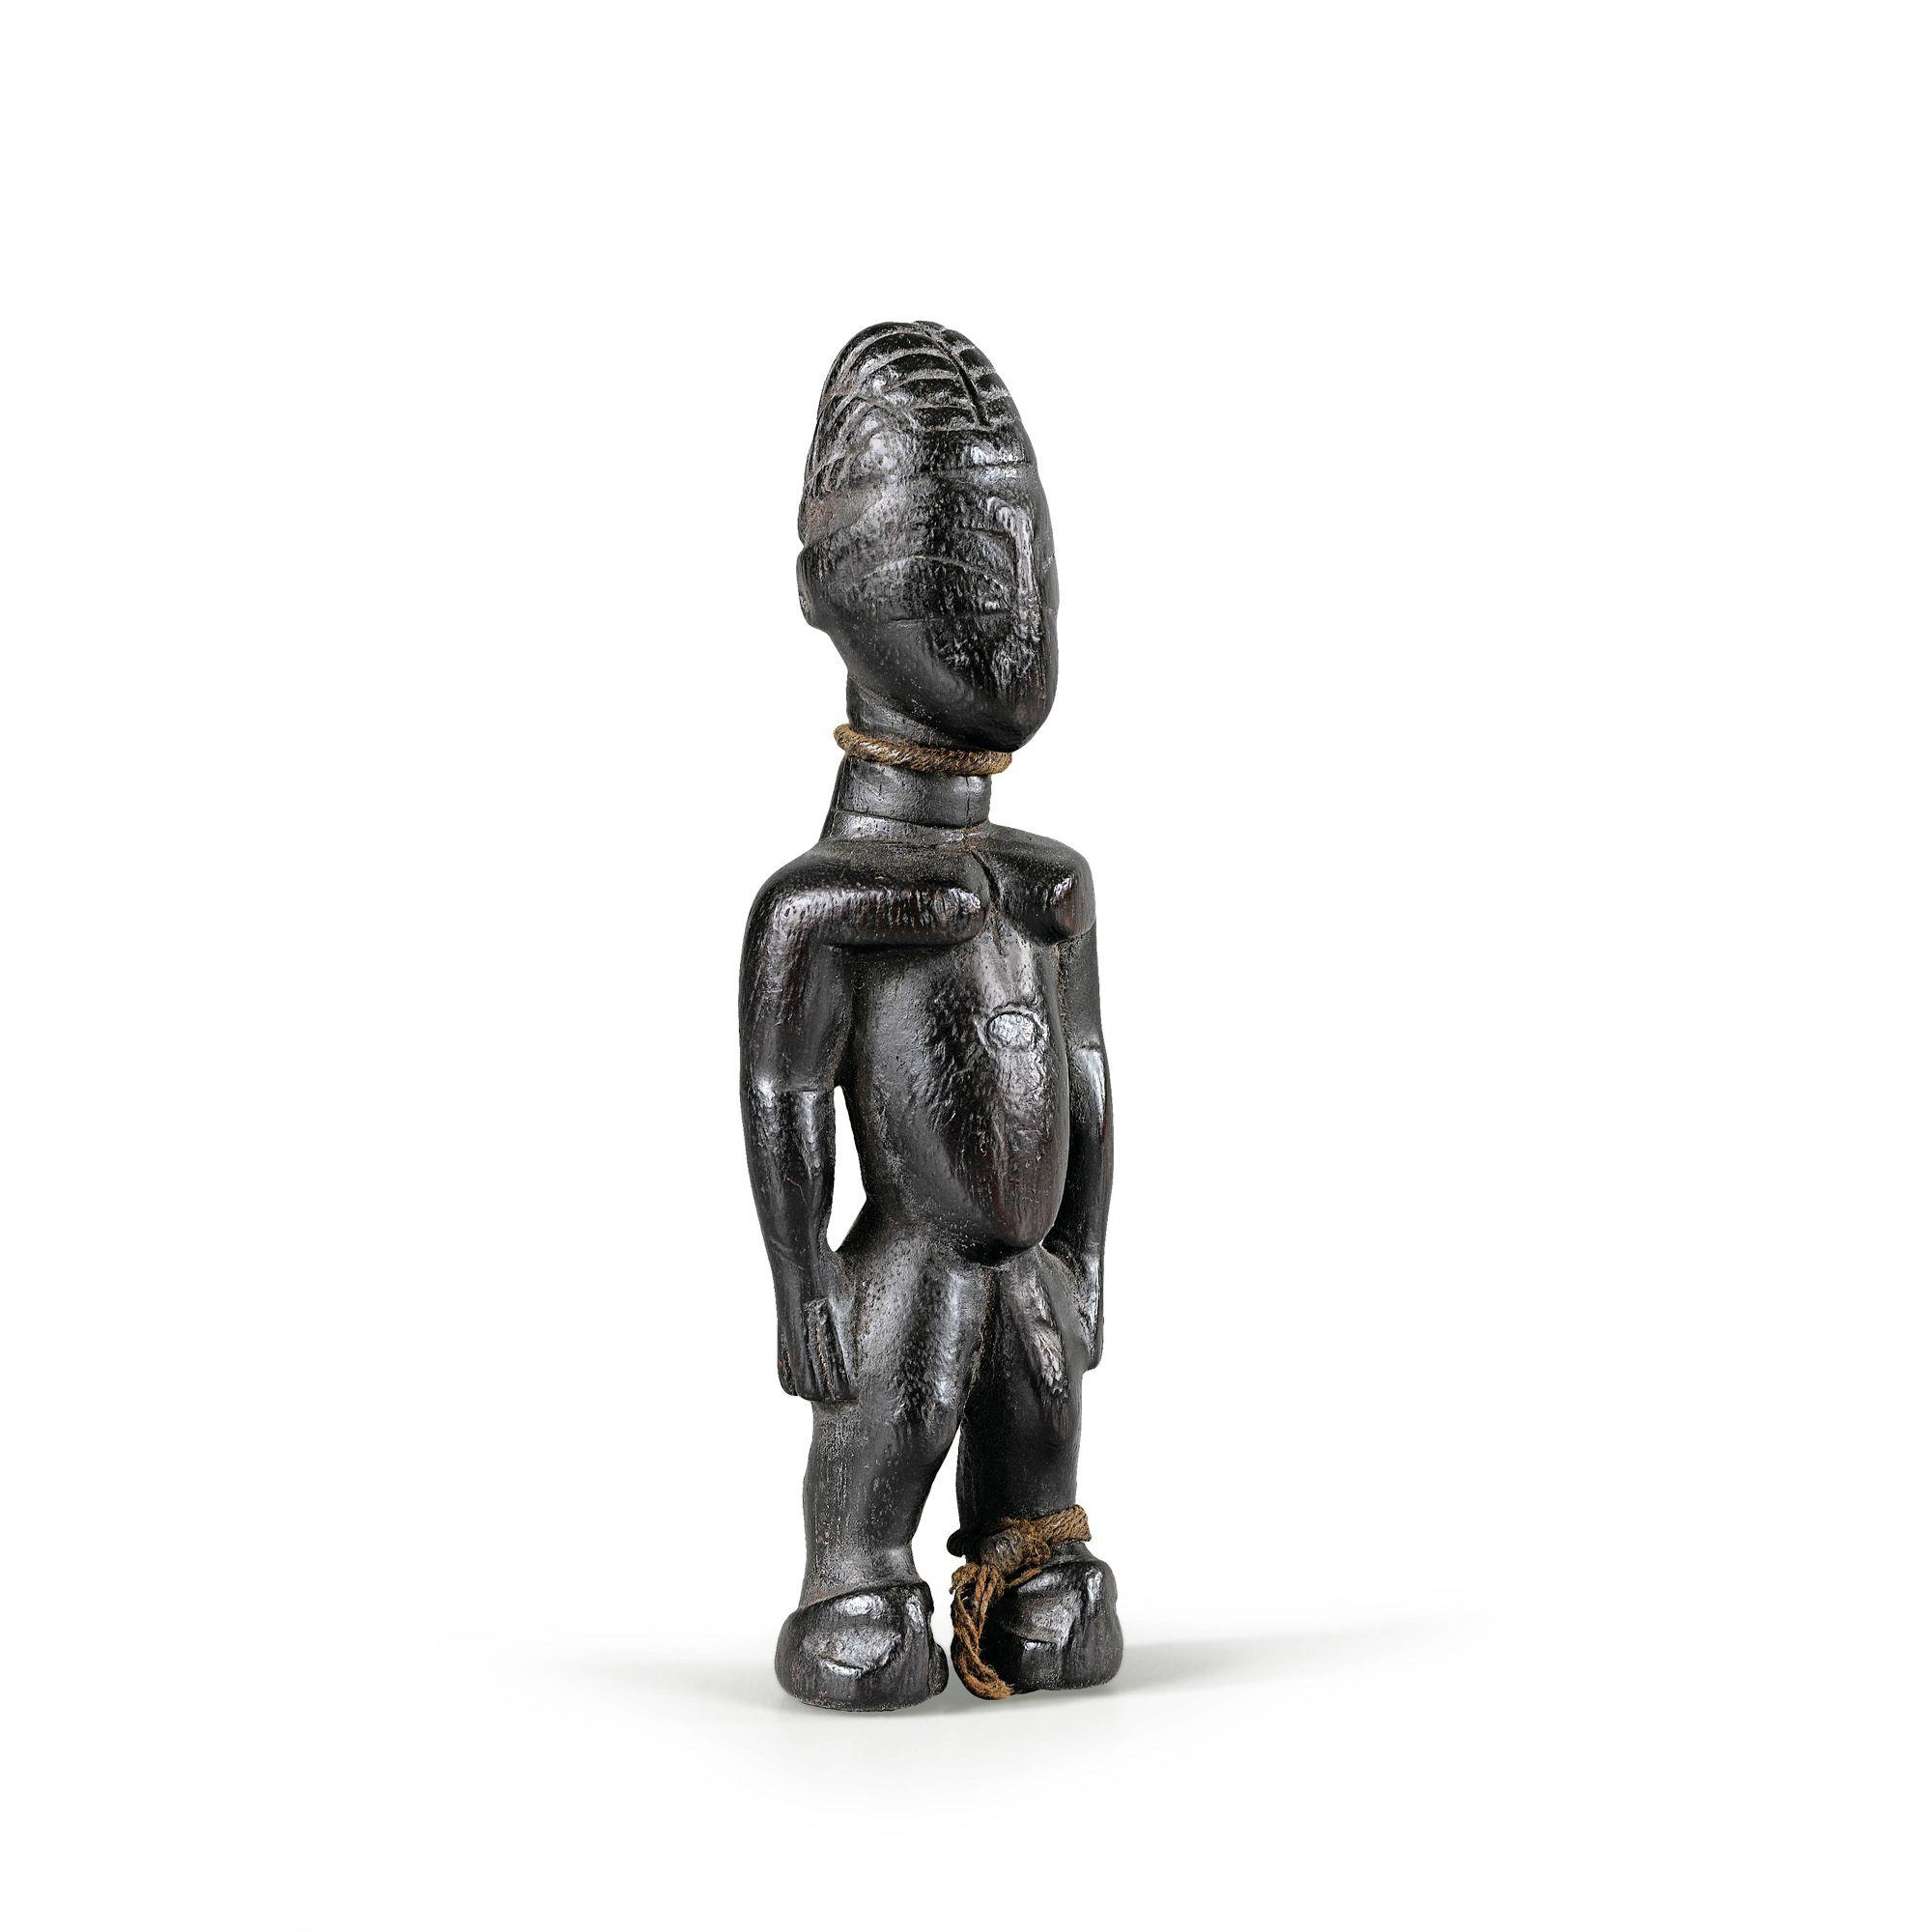 Deux charmes, Sénufo, Côte d'Ivoireet Ewé, Ghana | lot | Sotheby's